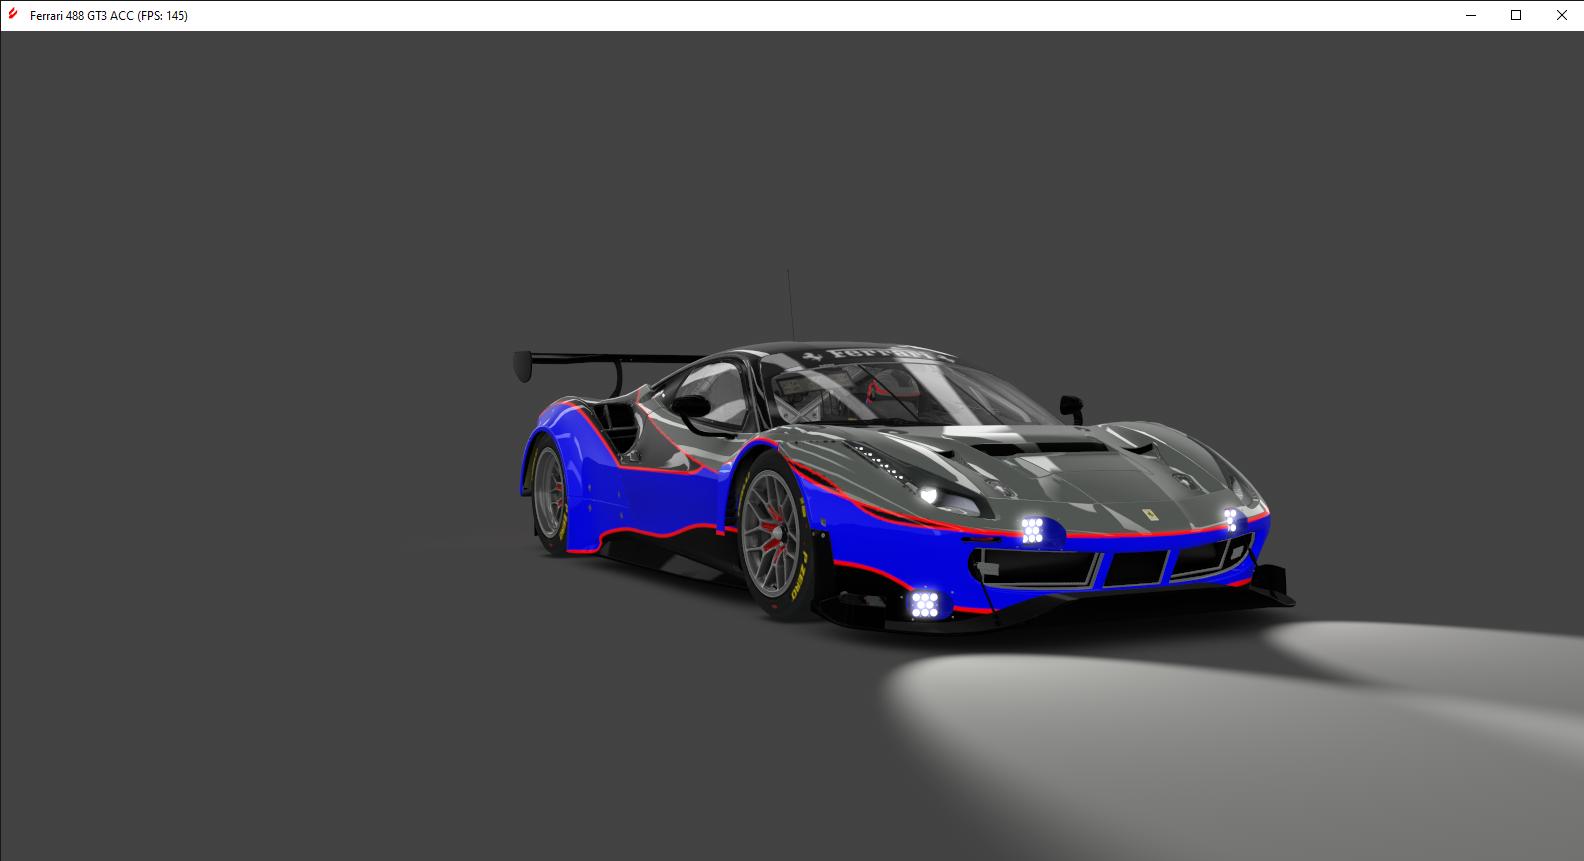 Ferrari 488 GT3 ACC (FPS_ 145) 5.12.2020 20.09.28.png